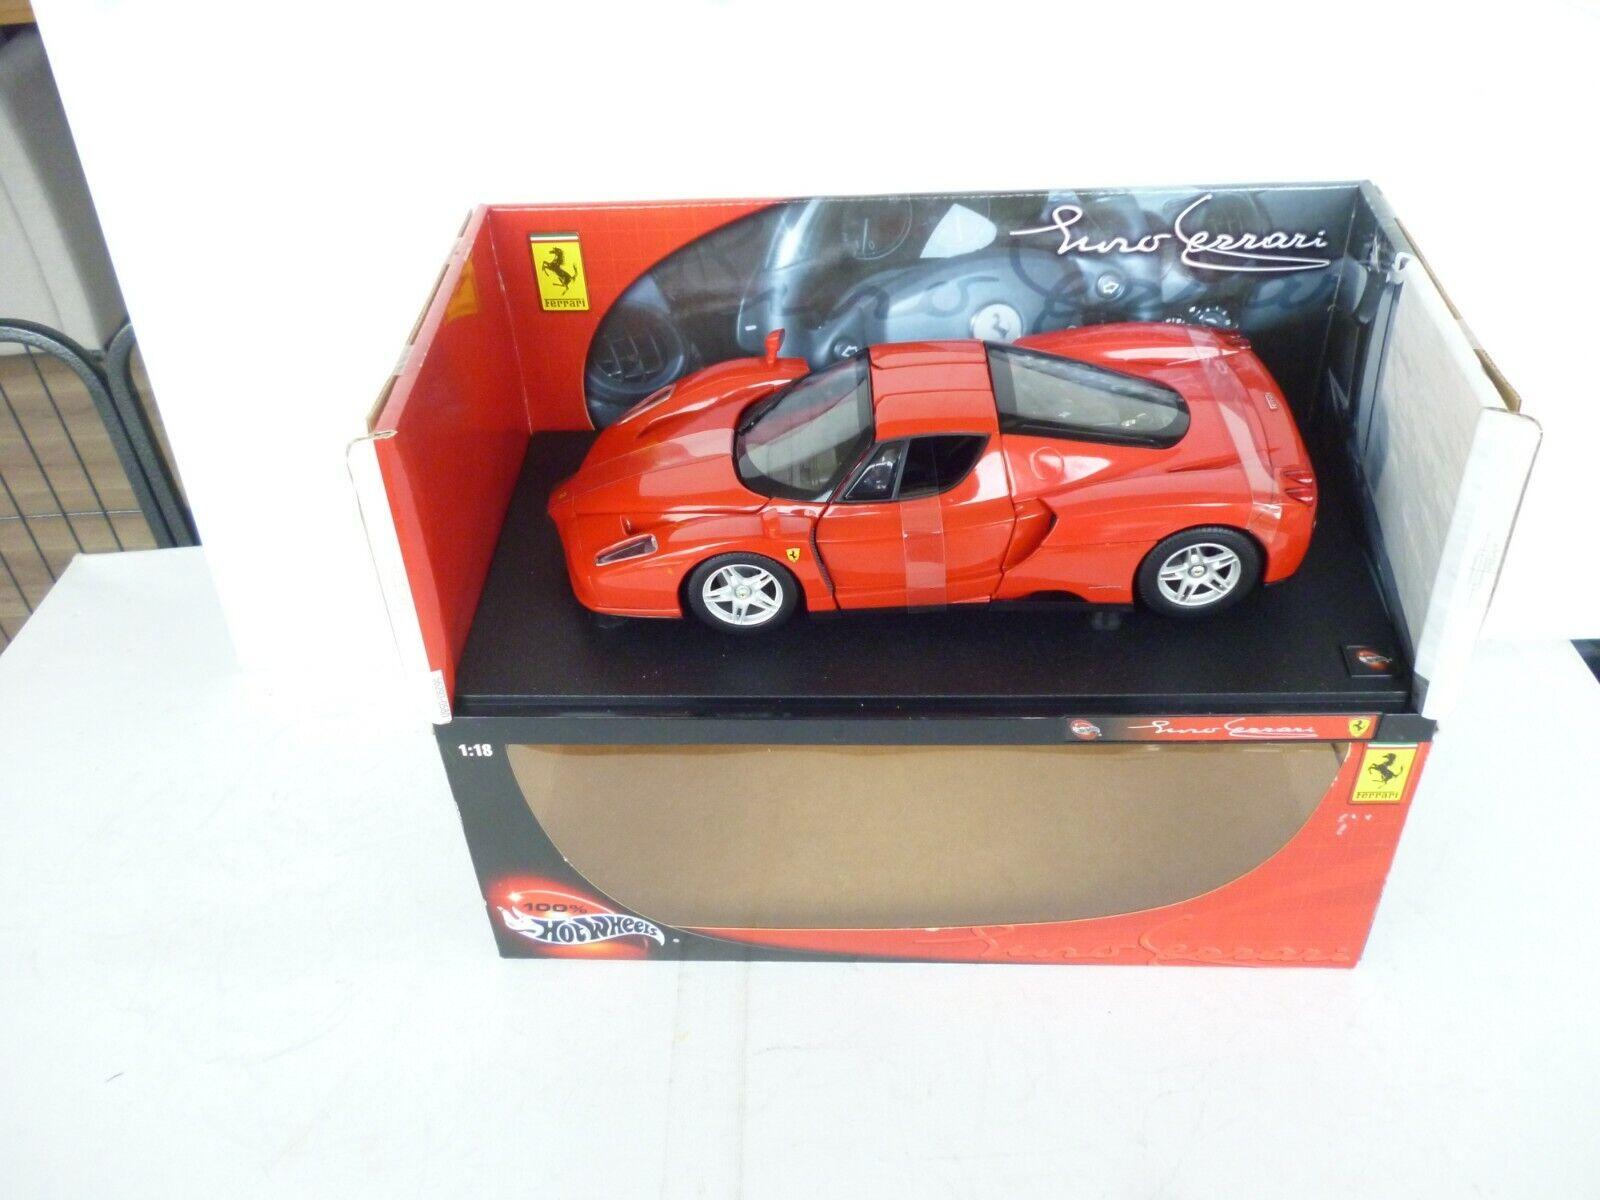 Hot Wheels Luno rosso Ferrari 1 18 New In Ovp RARE